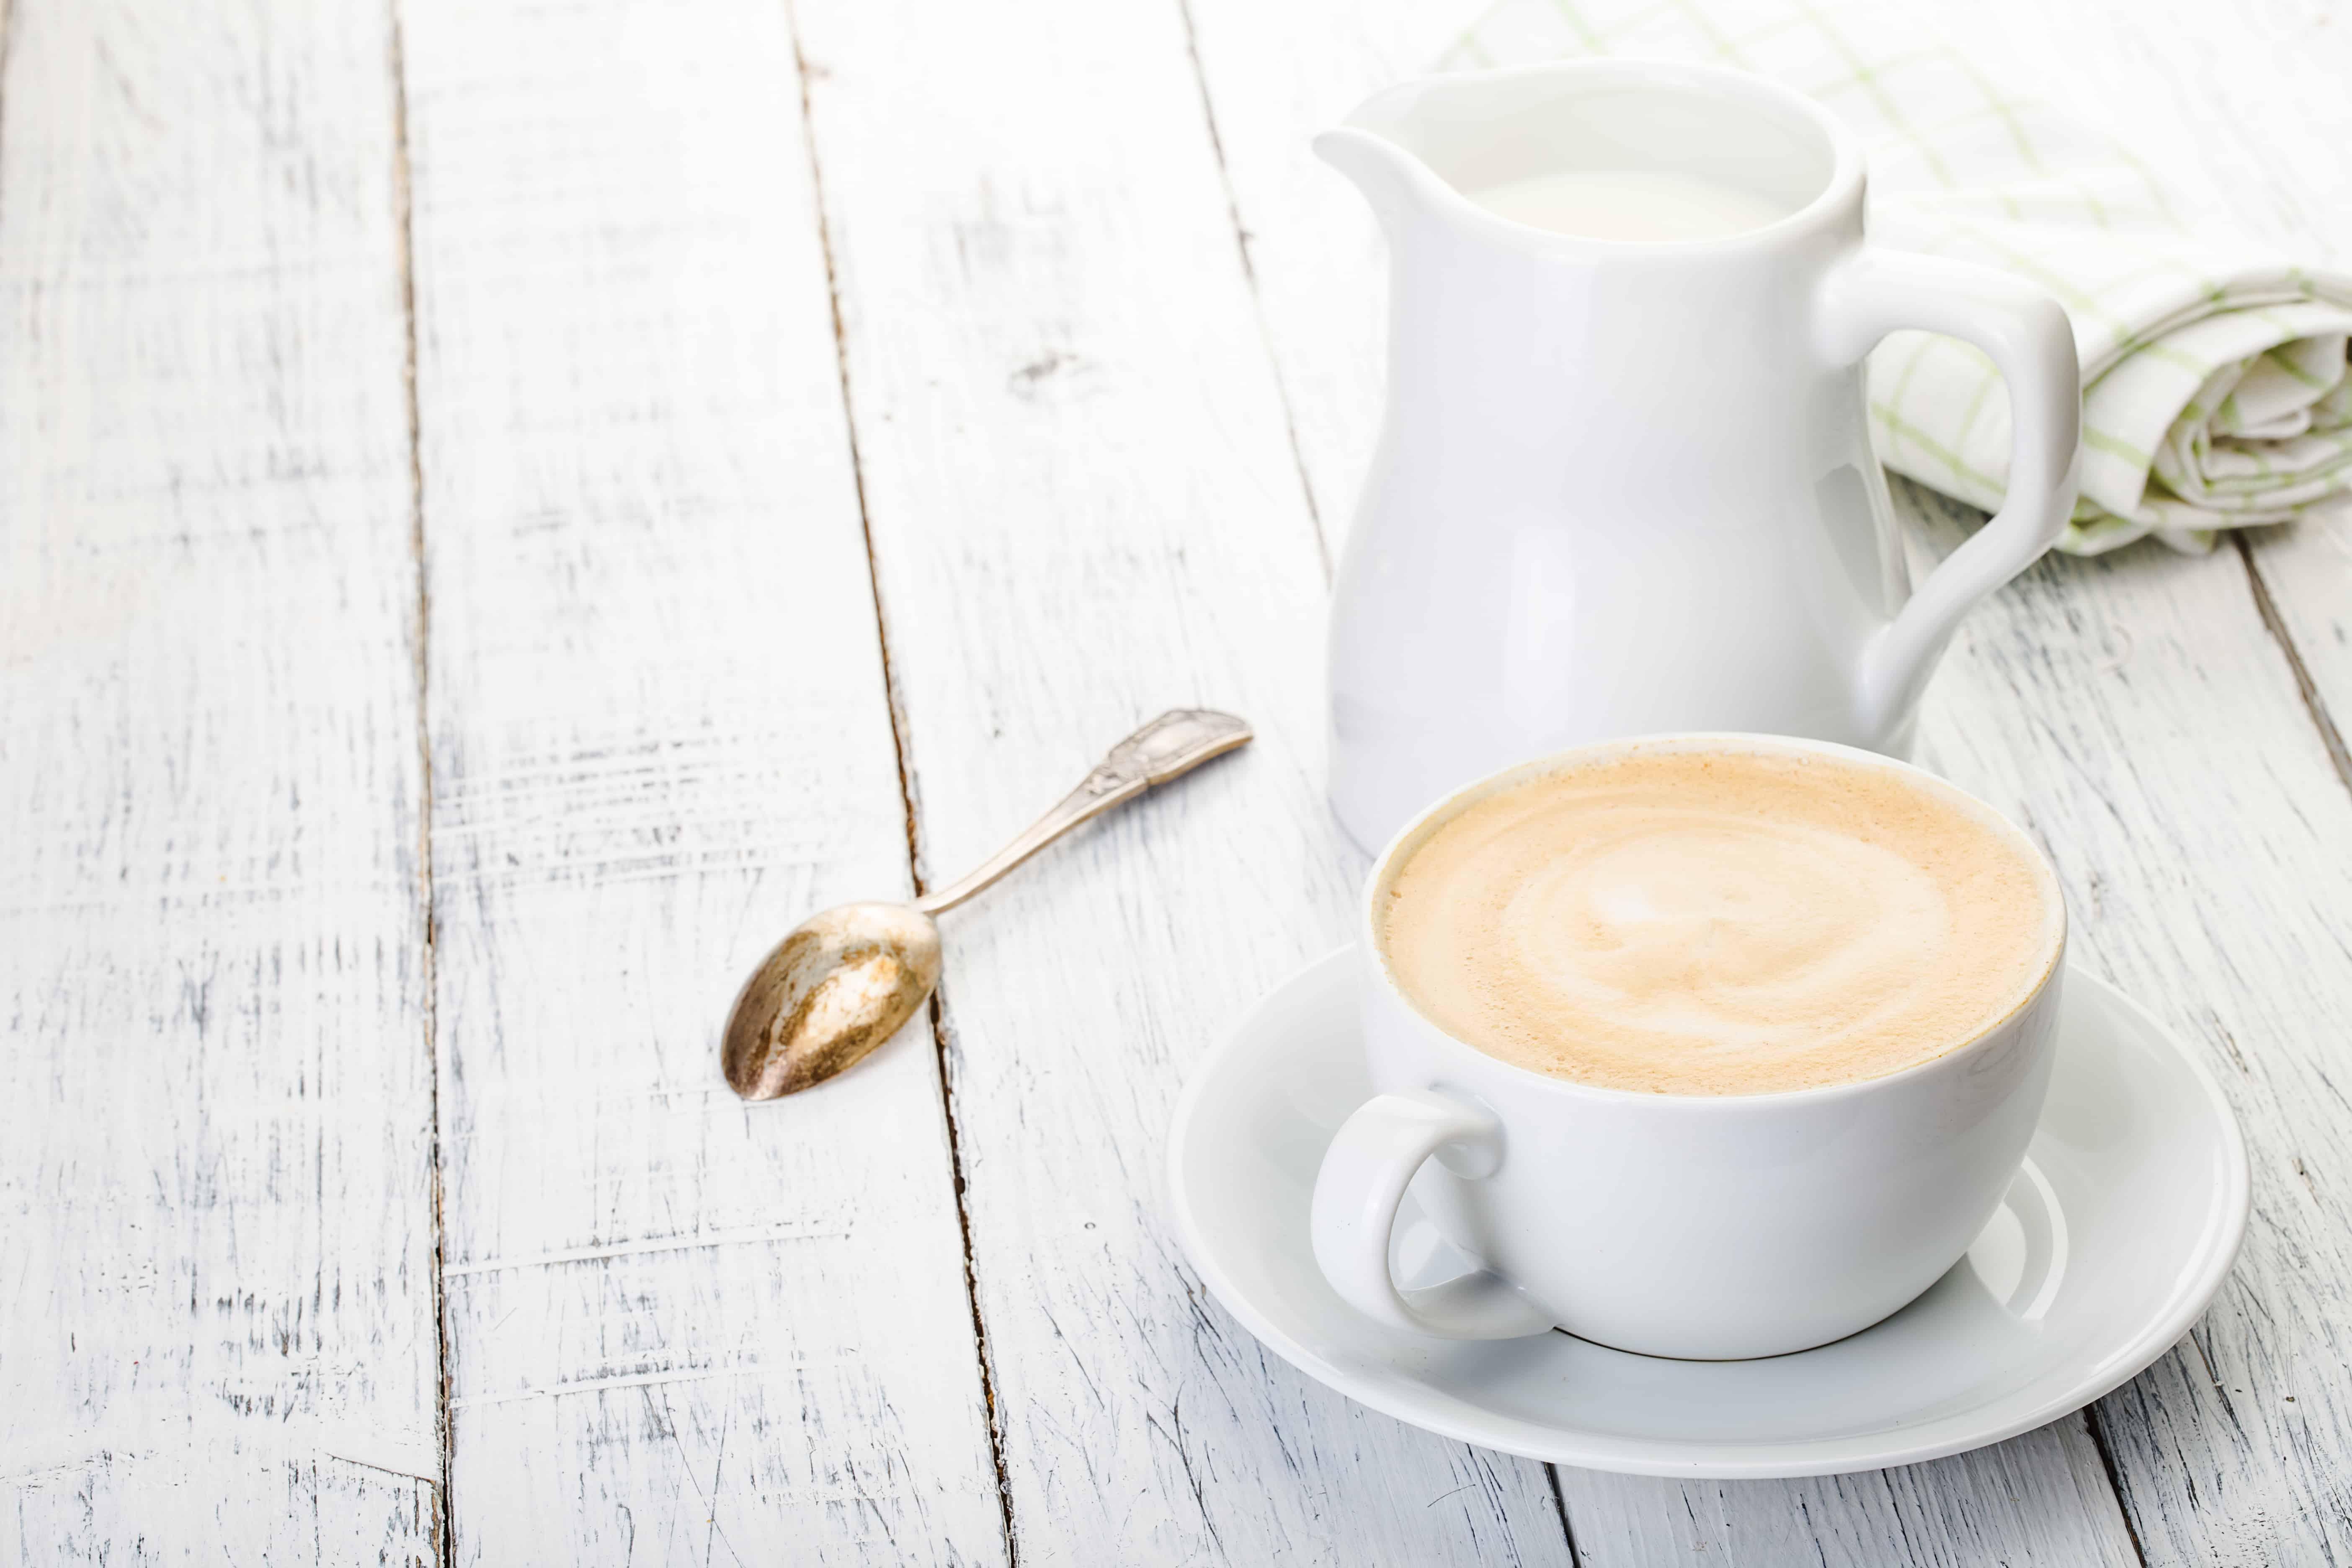 istället för mjölk i kaffet